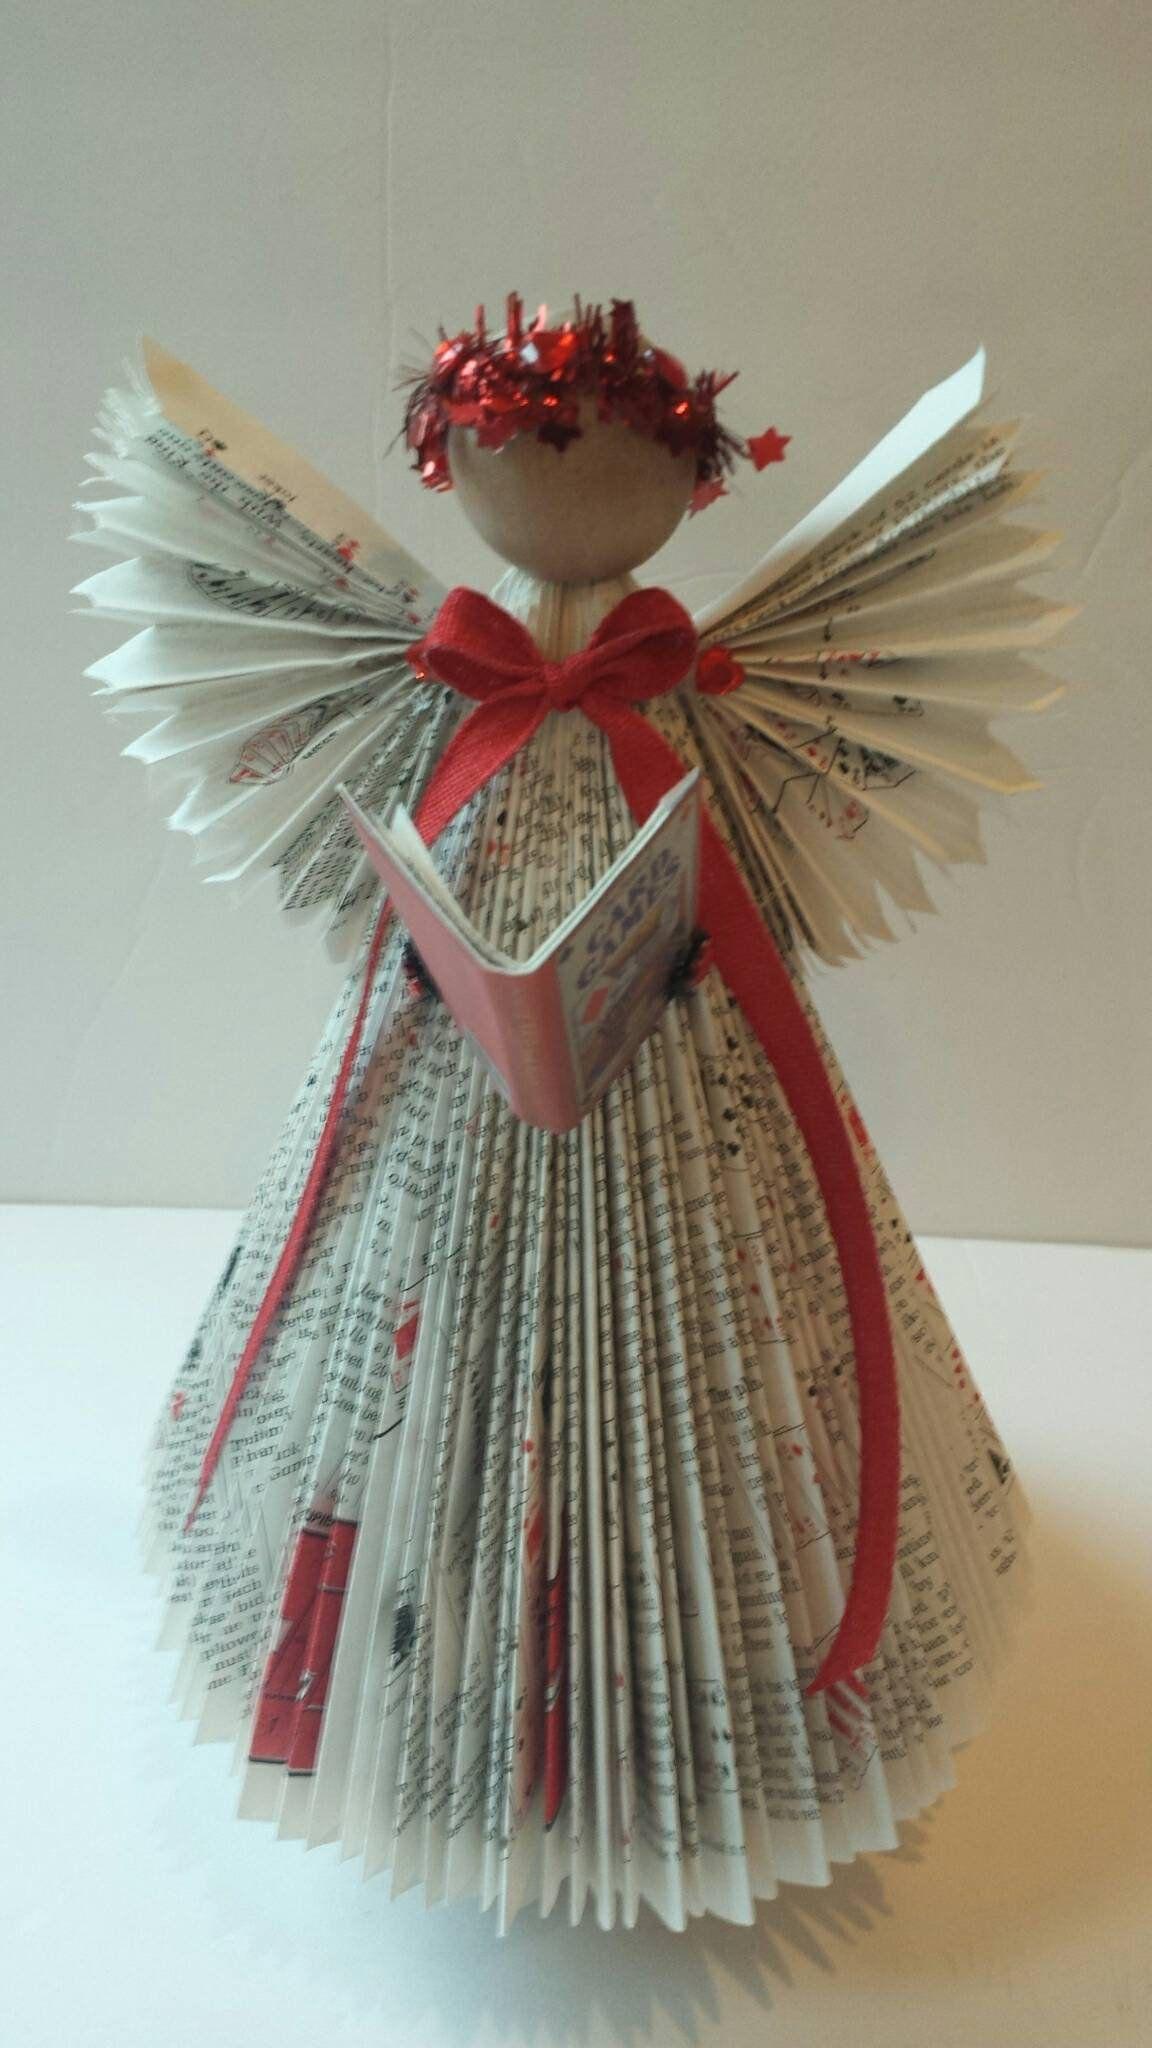 Benutzerdefinierte umfunktionierte Buch Engel - aus einem Buch vom Kunden, Land, Bibliothekar, Lehrer, Wiederverwendung, Recycling, umfunktionierte Bücher geliefert